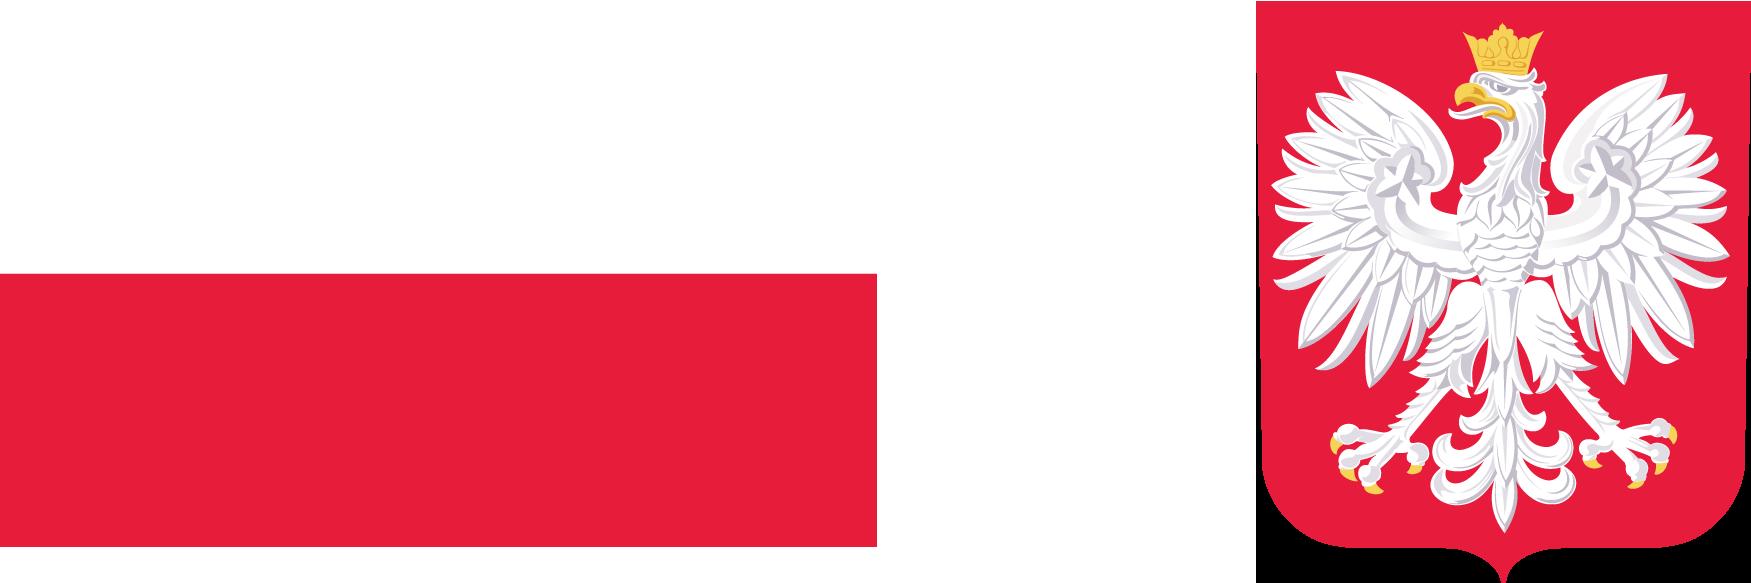 Grafika przedstawiająca flagę i godło RP, wymagane przez zapisy dotyczące promocji Funduszu Dróg Samorządowych